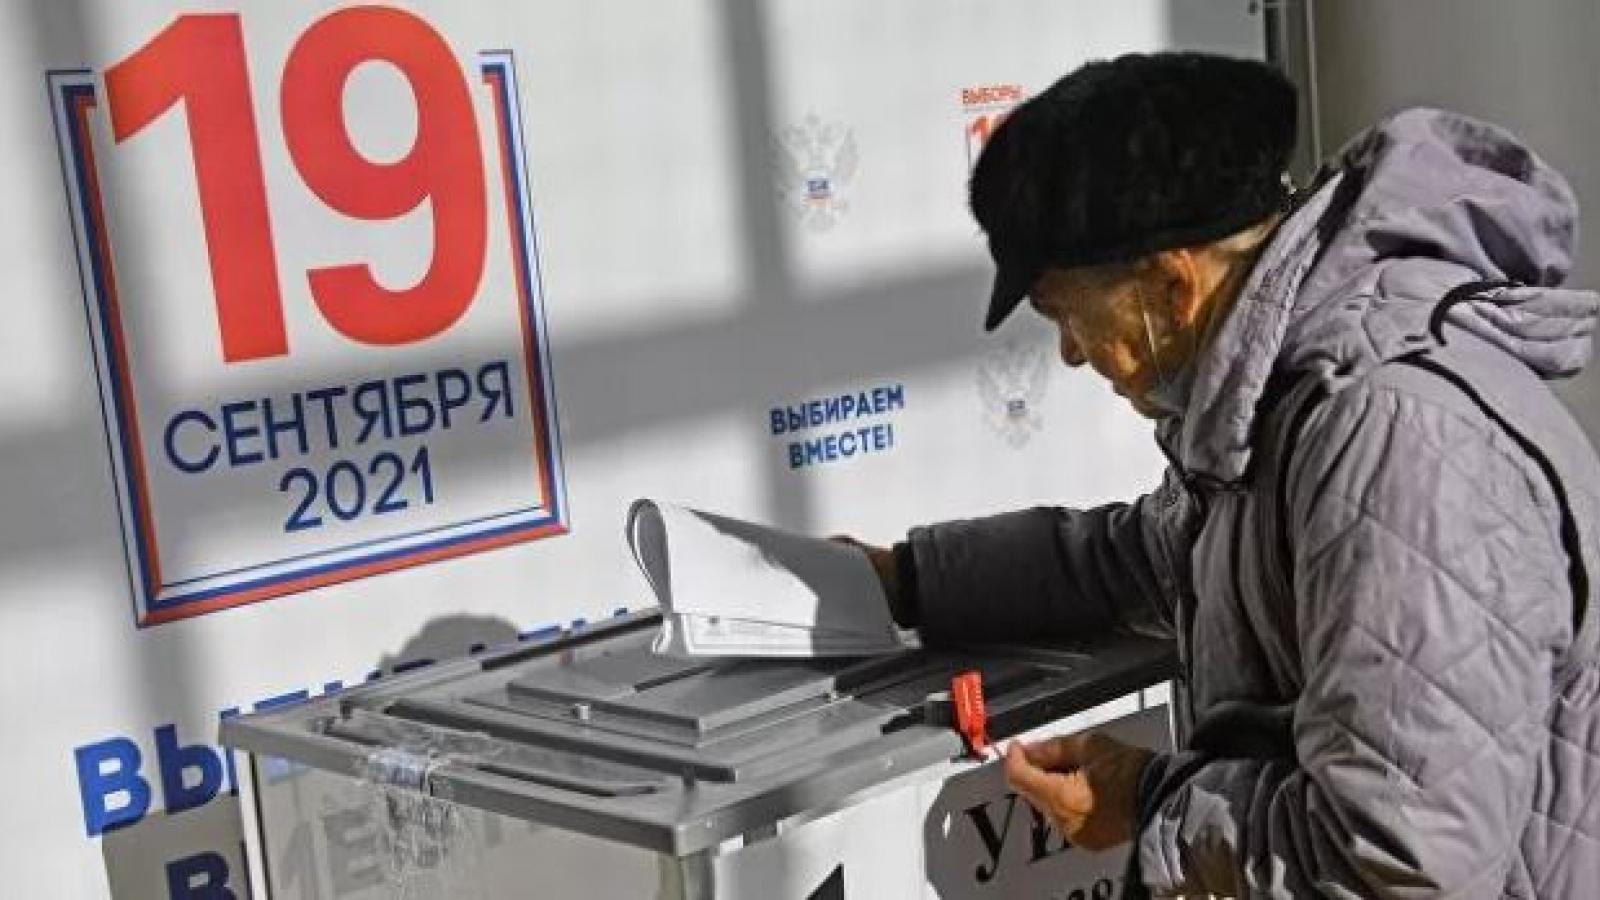 Cuộc bầu cử đại biểu DumaQuốc Ngadiễn ra minh bạch